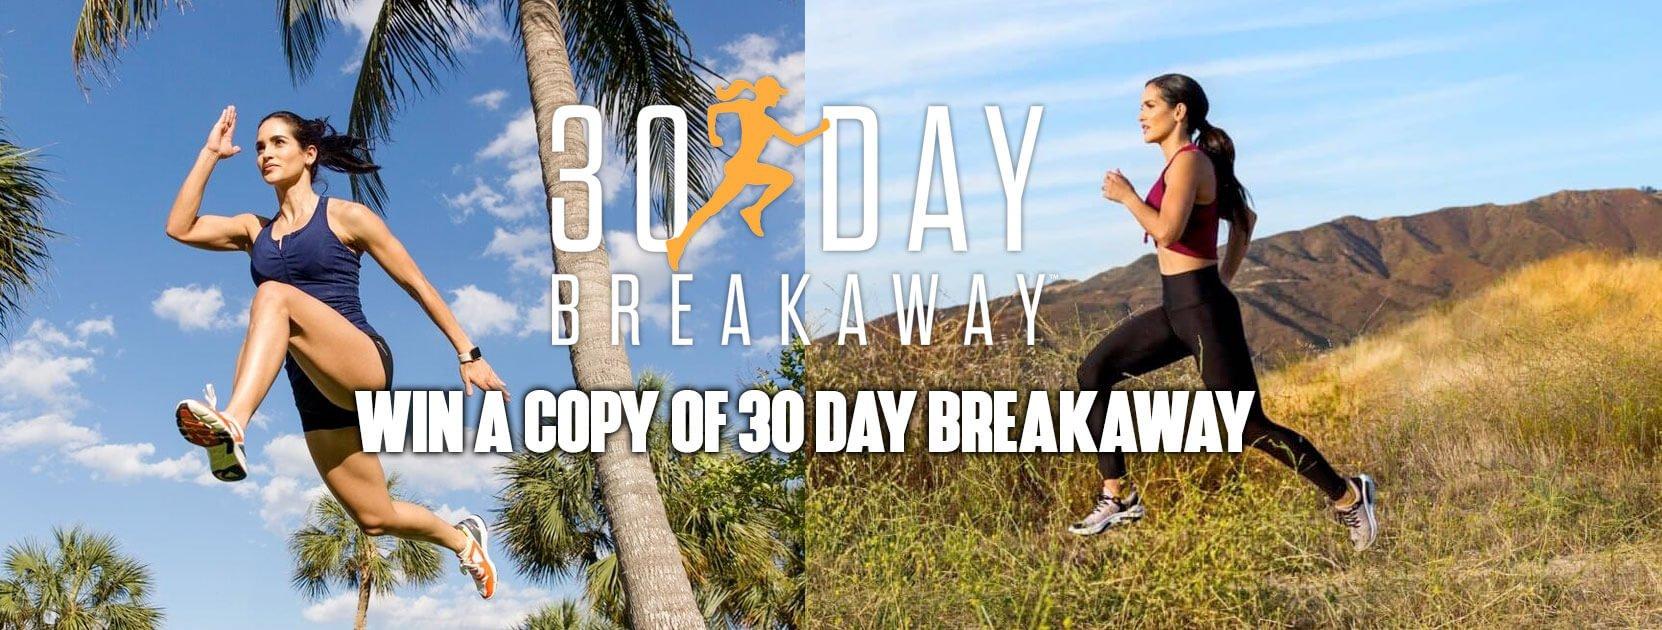 Win a Copy of 30 Day Breakaway